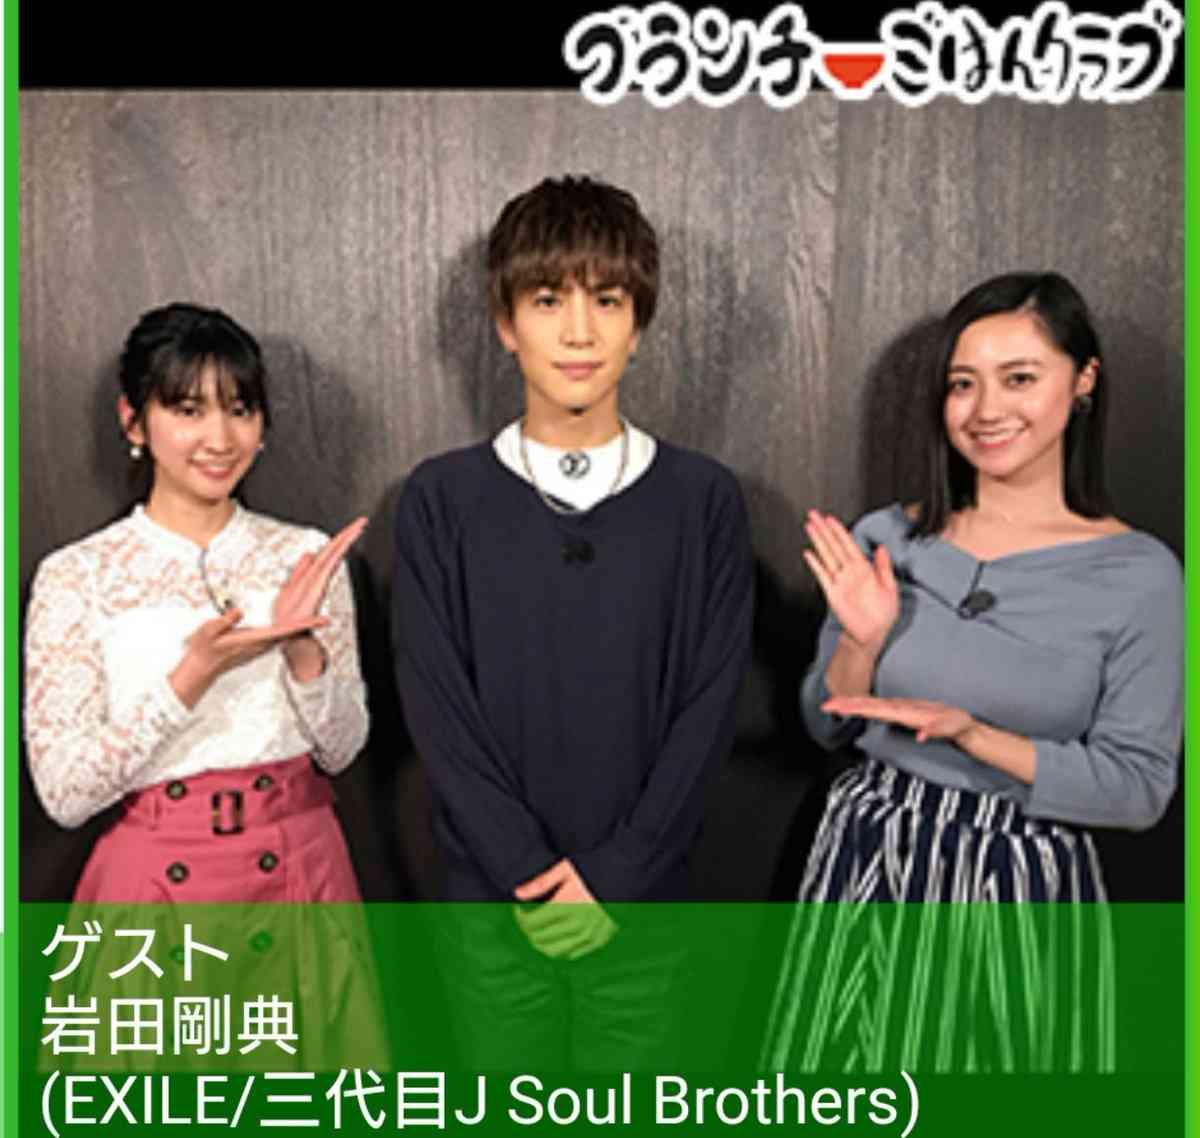 楽しそうな三代目J Soul Brothersの画像を貼るトピ